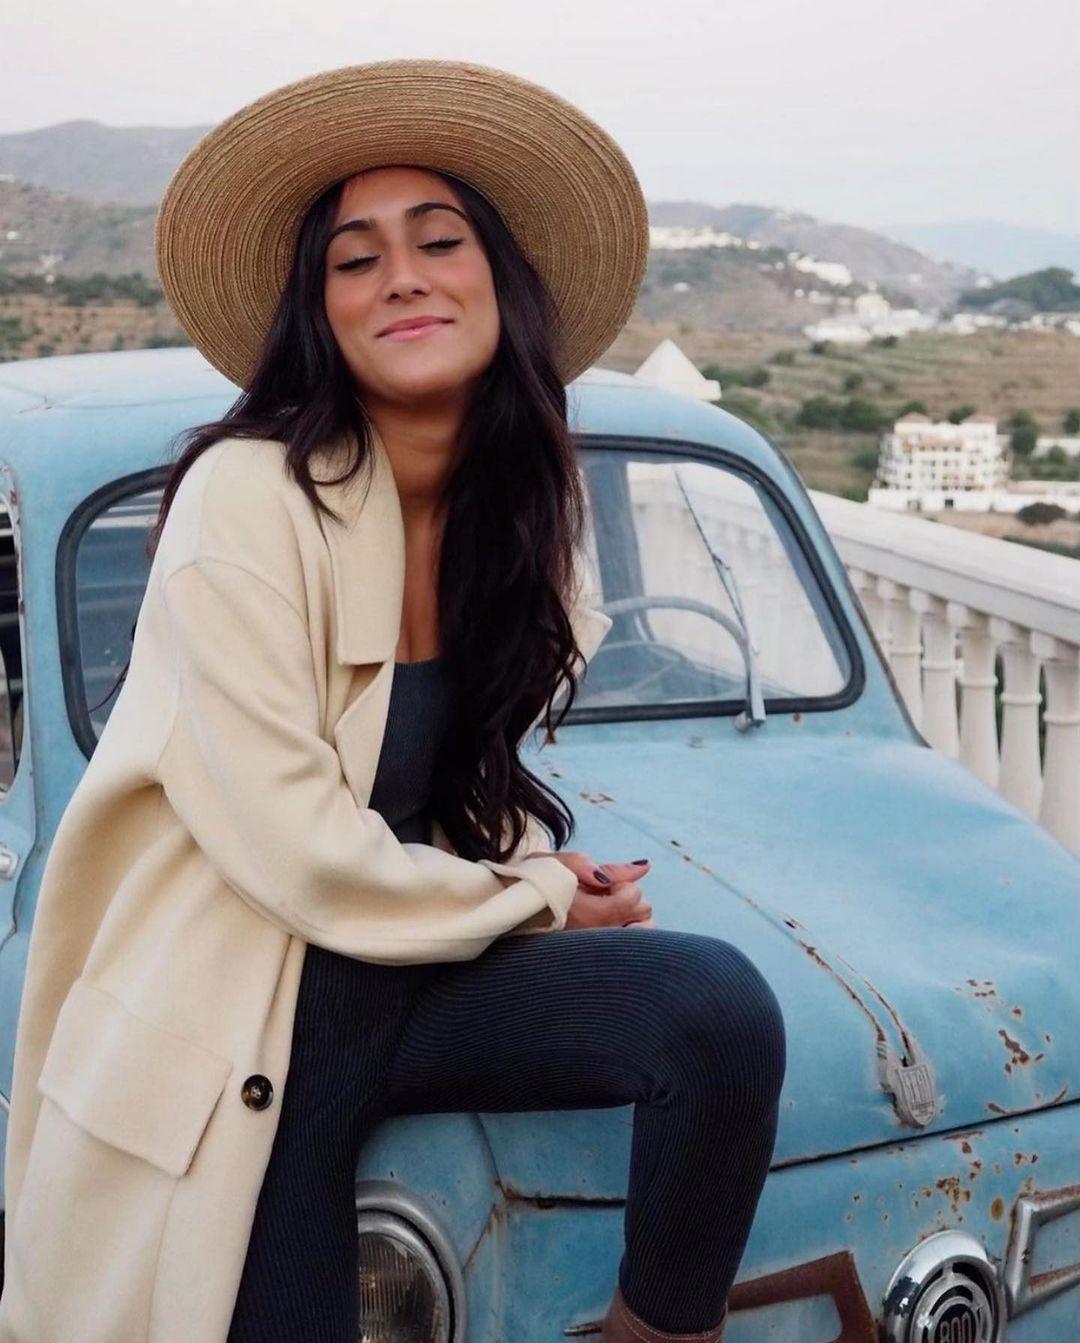 manteau avec laine édition limitée de Zara sur zara.outfits